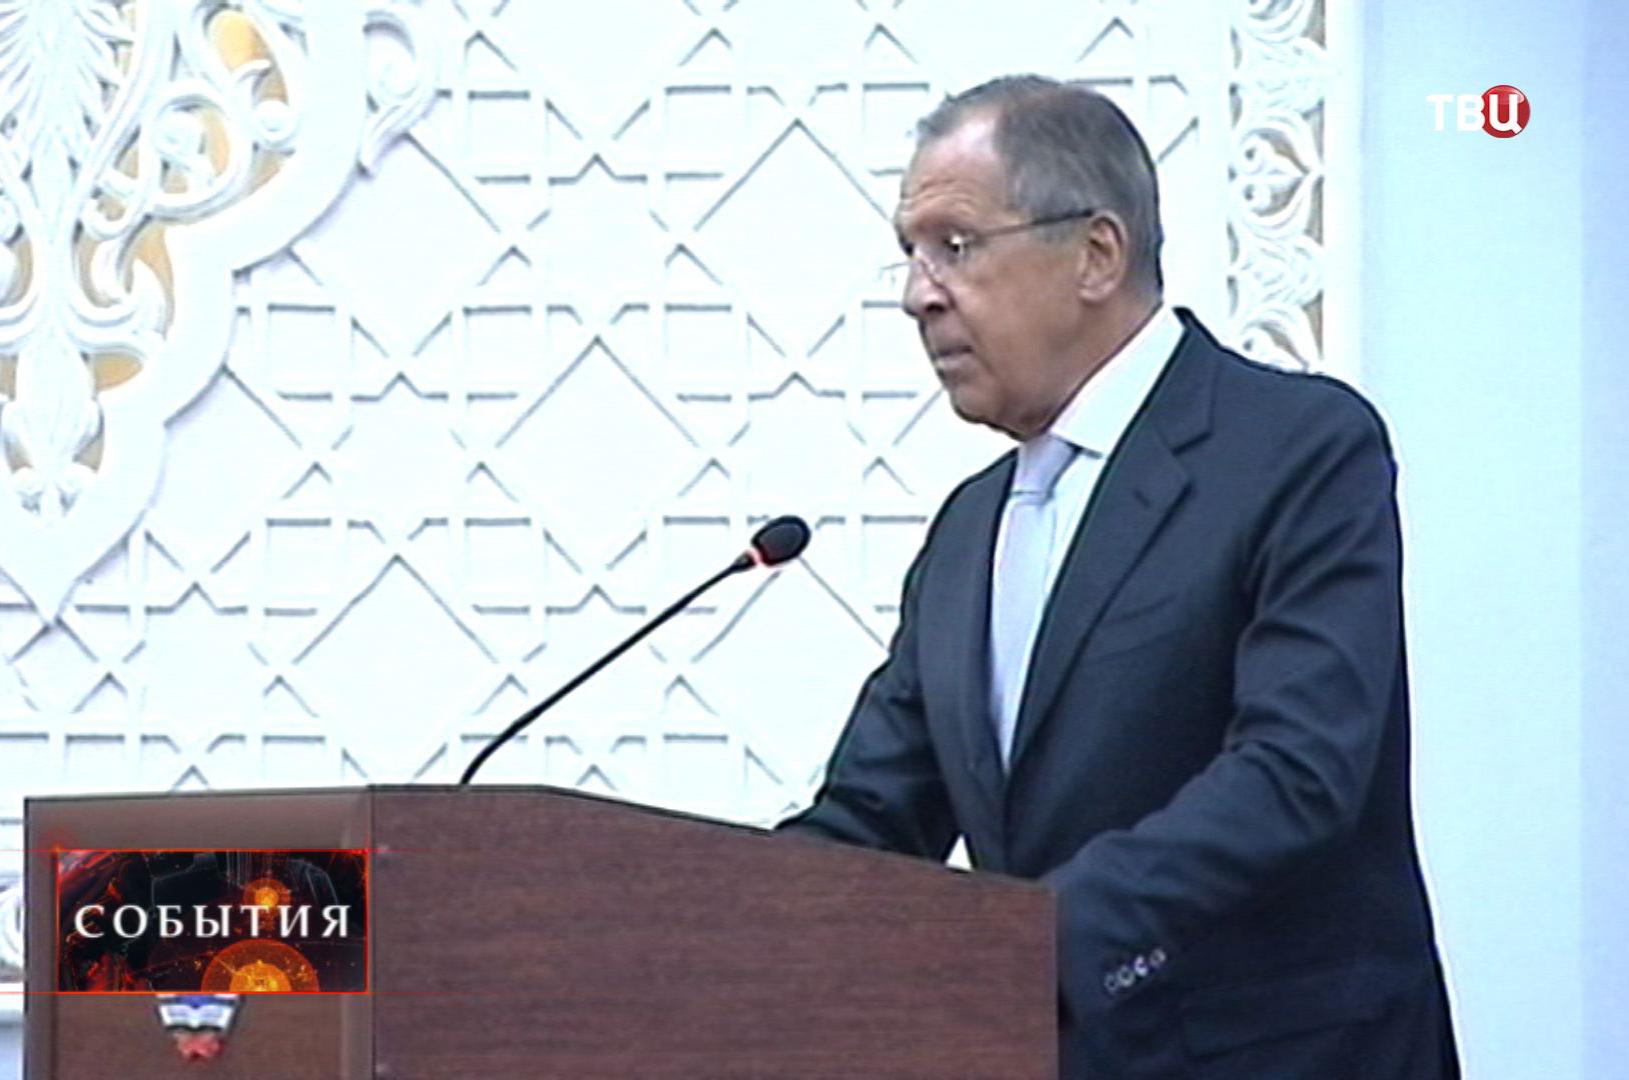 Трехсторонняя встреча по урегулированию ситуации на Украине в Минске